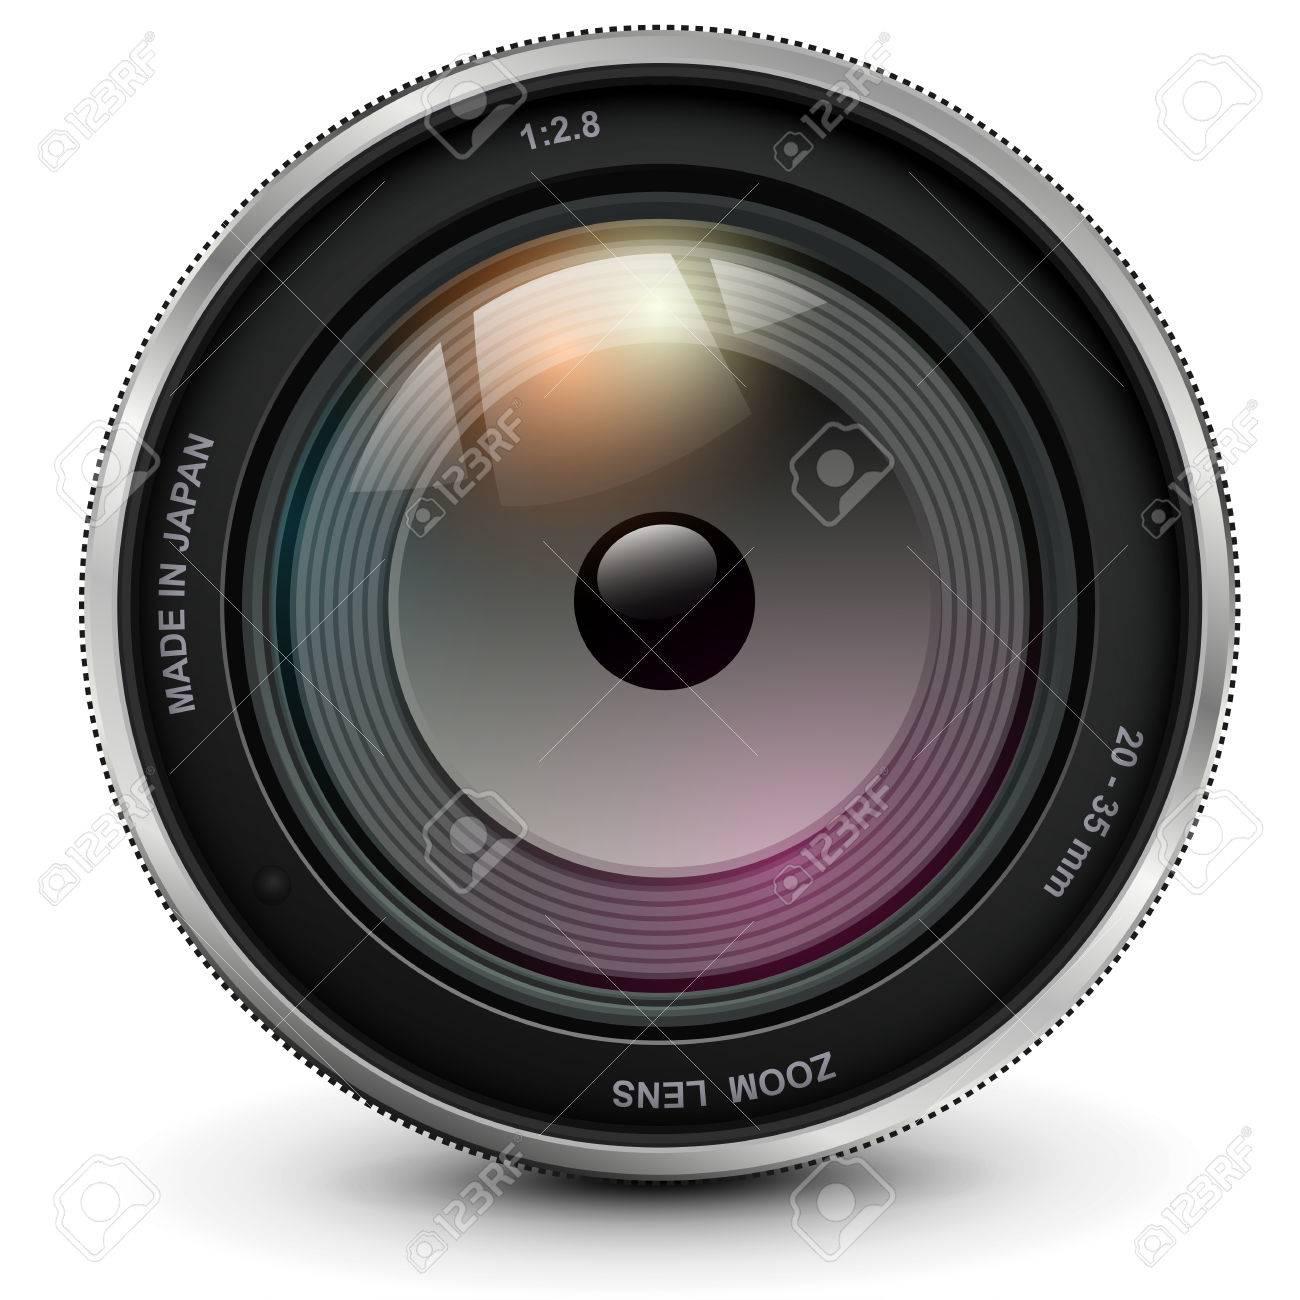 カメラ写真レンズ、ベクトル イラスト。 ロイヤリティフリークリップ